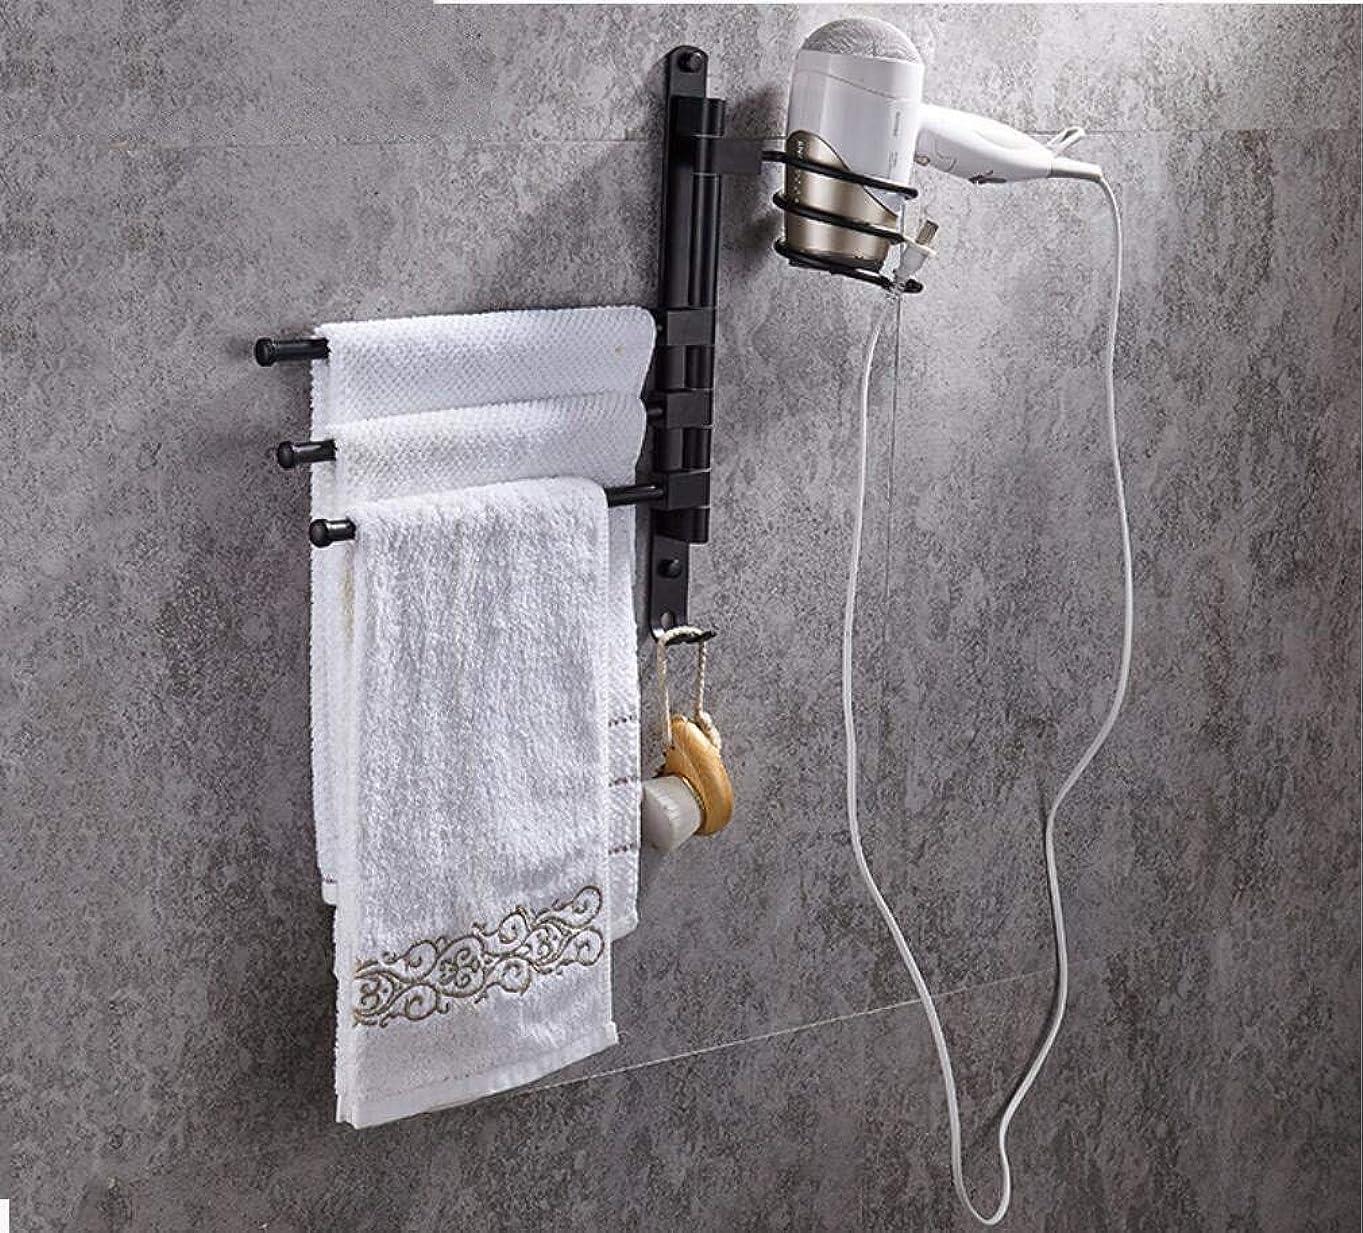 ブラシ先住民コードレスHogar Bañ o bagno multifunzioneブロワーフレームnero spazio treバーブロワーtelaio in alluminio